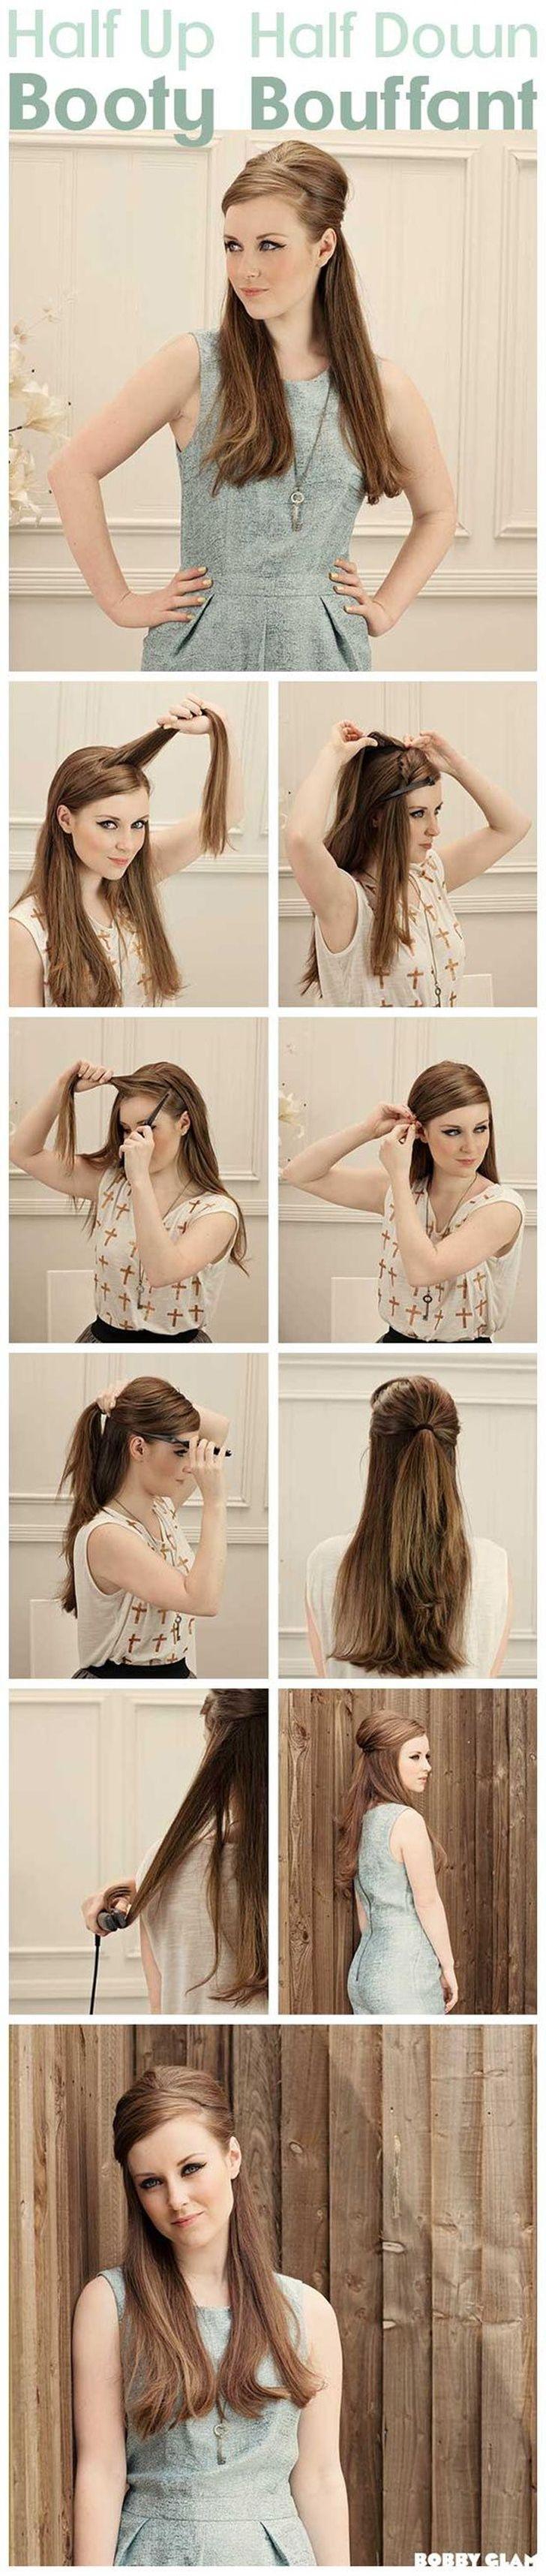 7ea0e32ab871f939a0a34b129beb4f68 - estilos de cabello mejores equipos